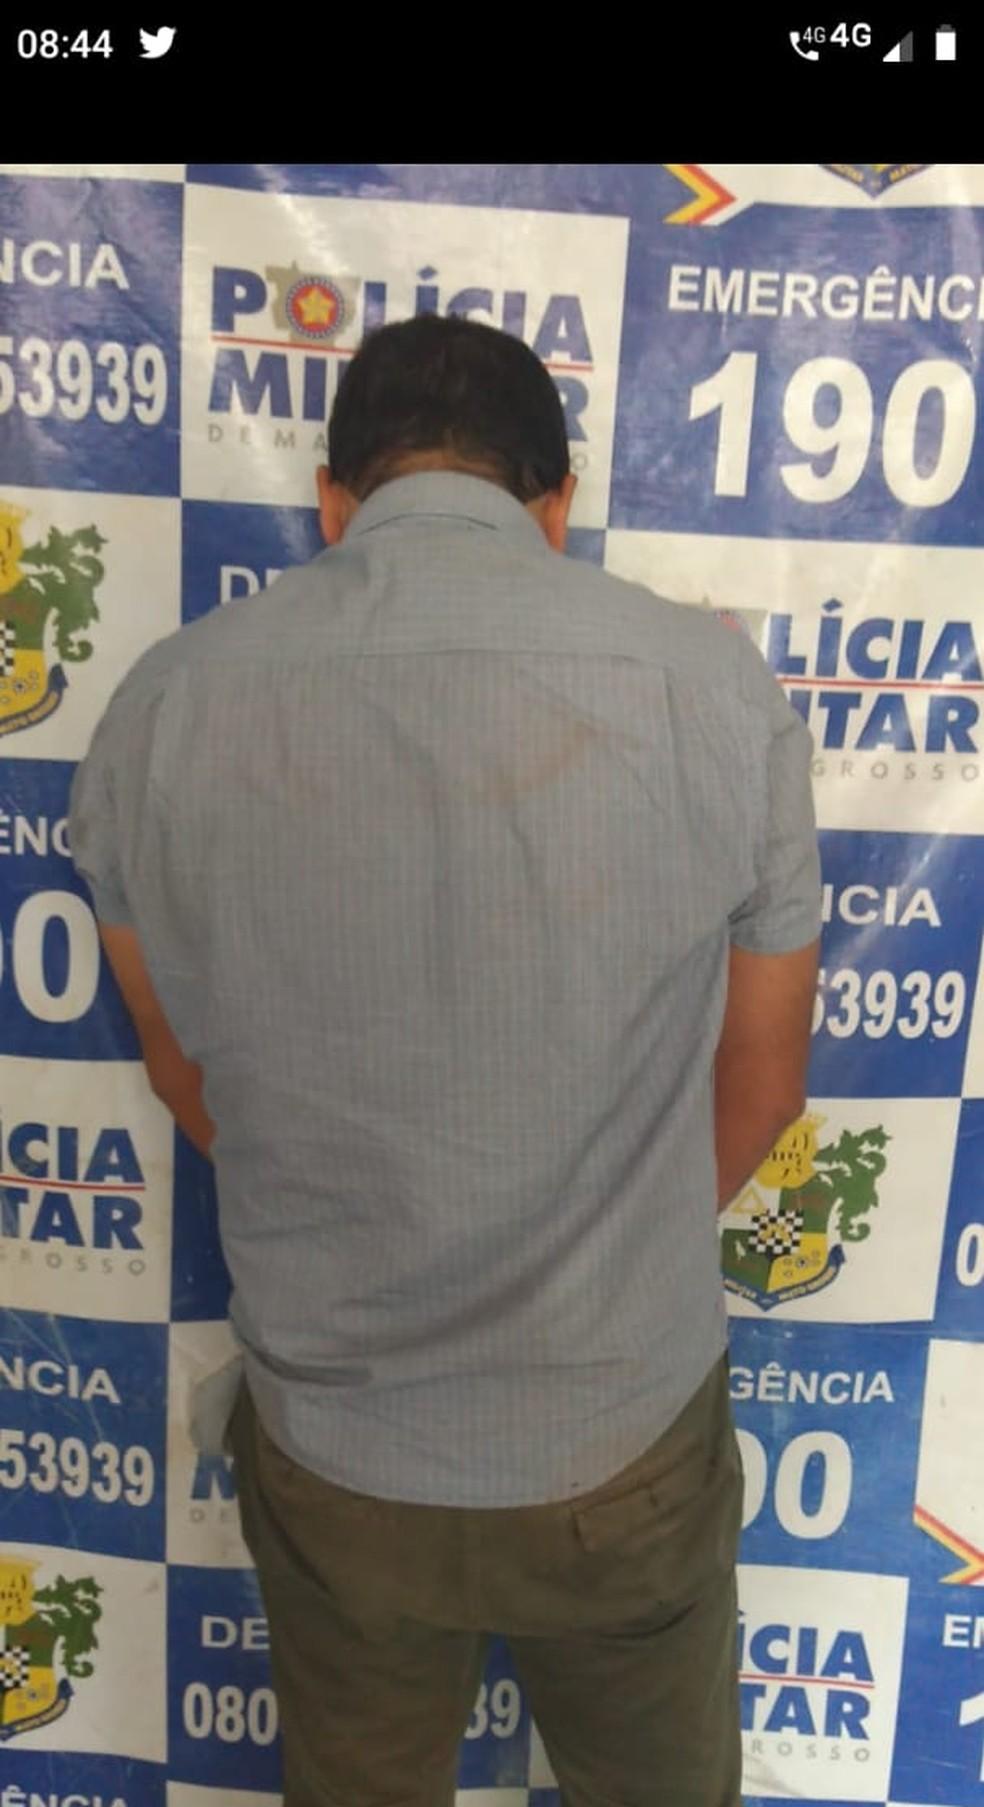 Cleiton Gomes Da Silva, de 45 anos, é professor de xadrez e esfaqueou a diretora Rosileide Vaz da Silva — Foto: Polícia Militar de Mato Grosso/Assessoria